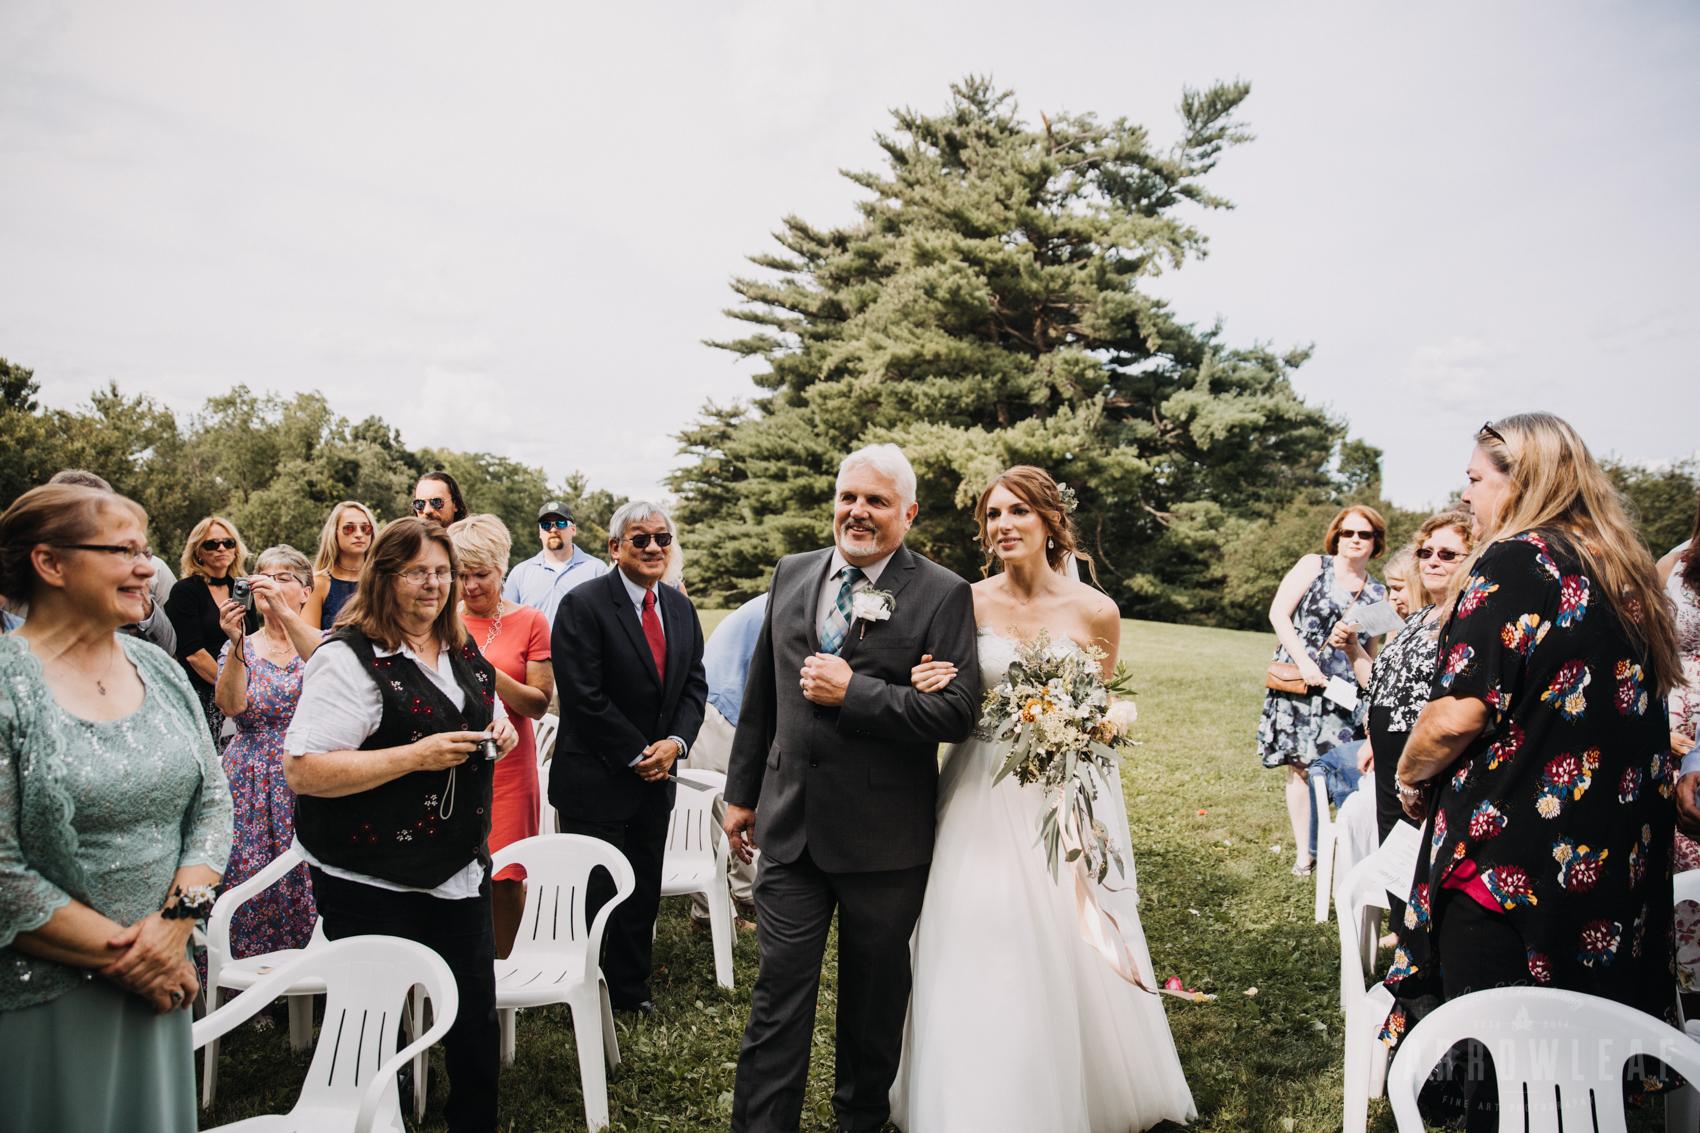 wedding ceremony outdoors in wisconsin